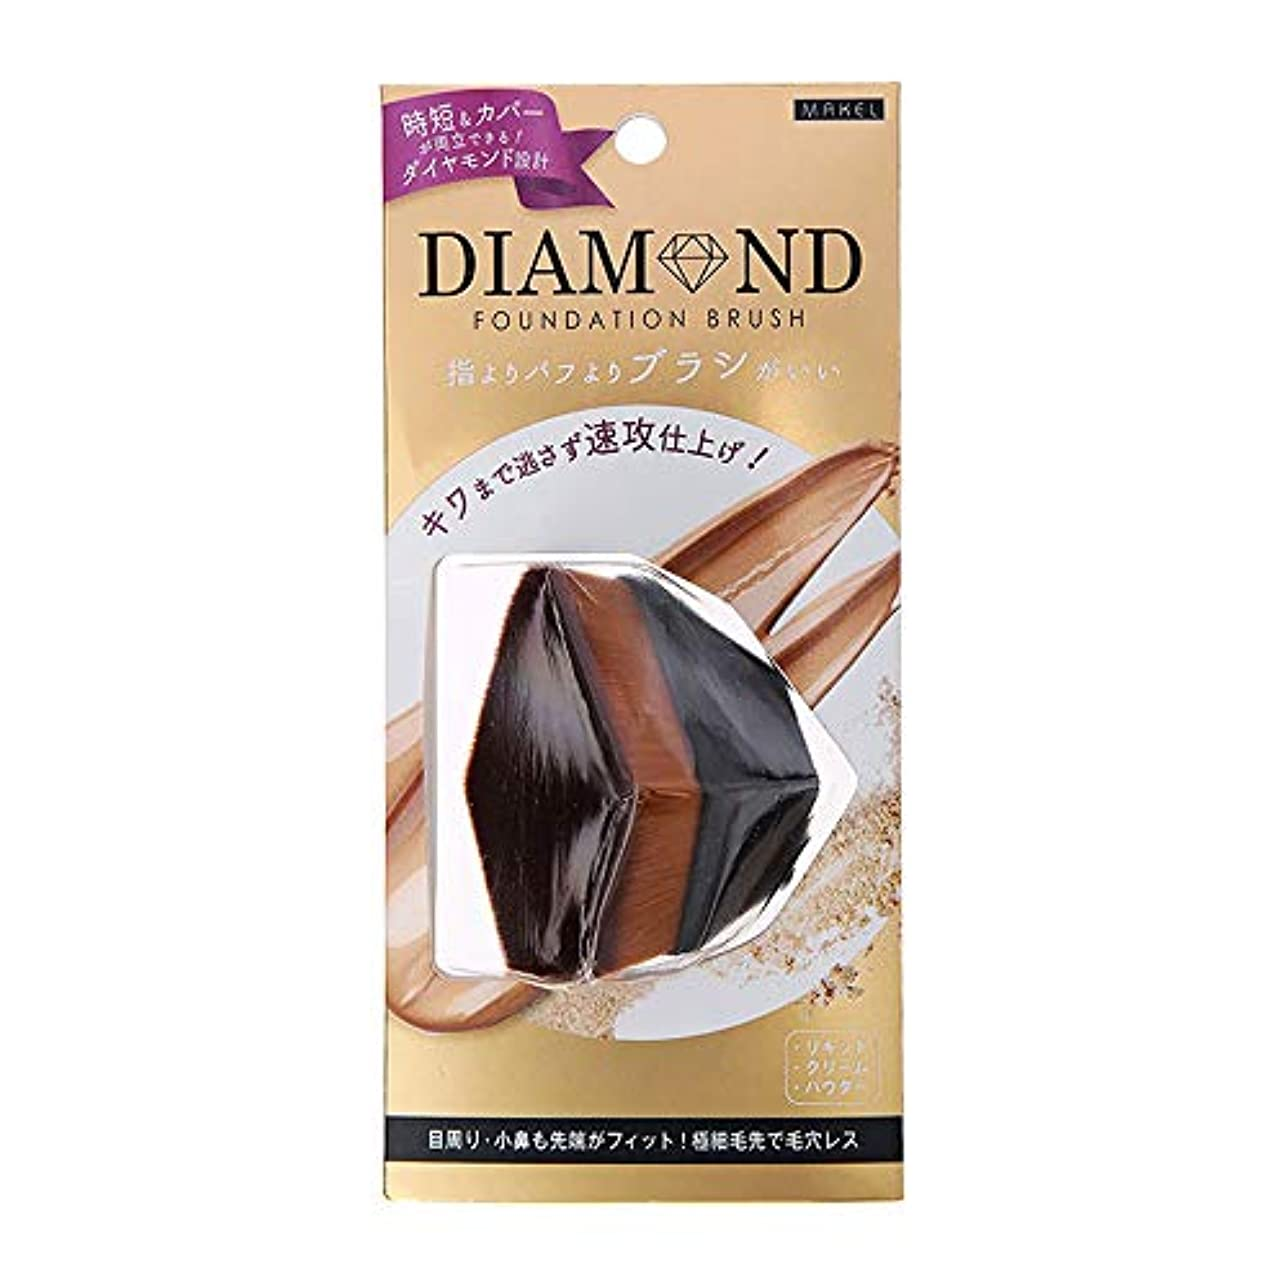 潜む傾くオセアニアダイヤモンドファンデーションブラシ(ブラック) DIB1500